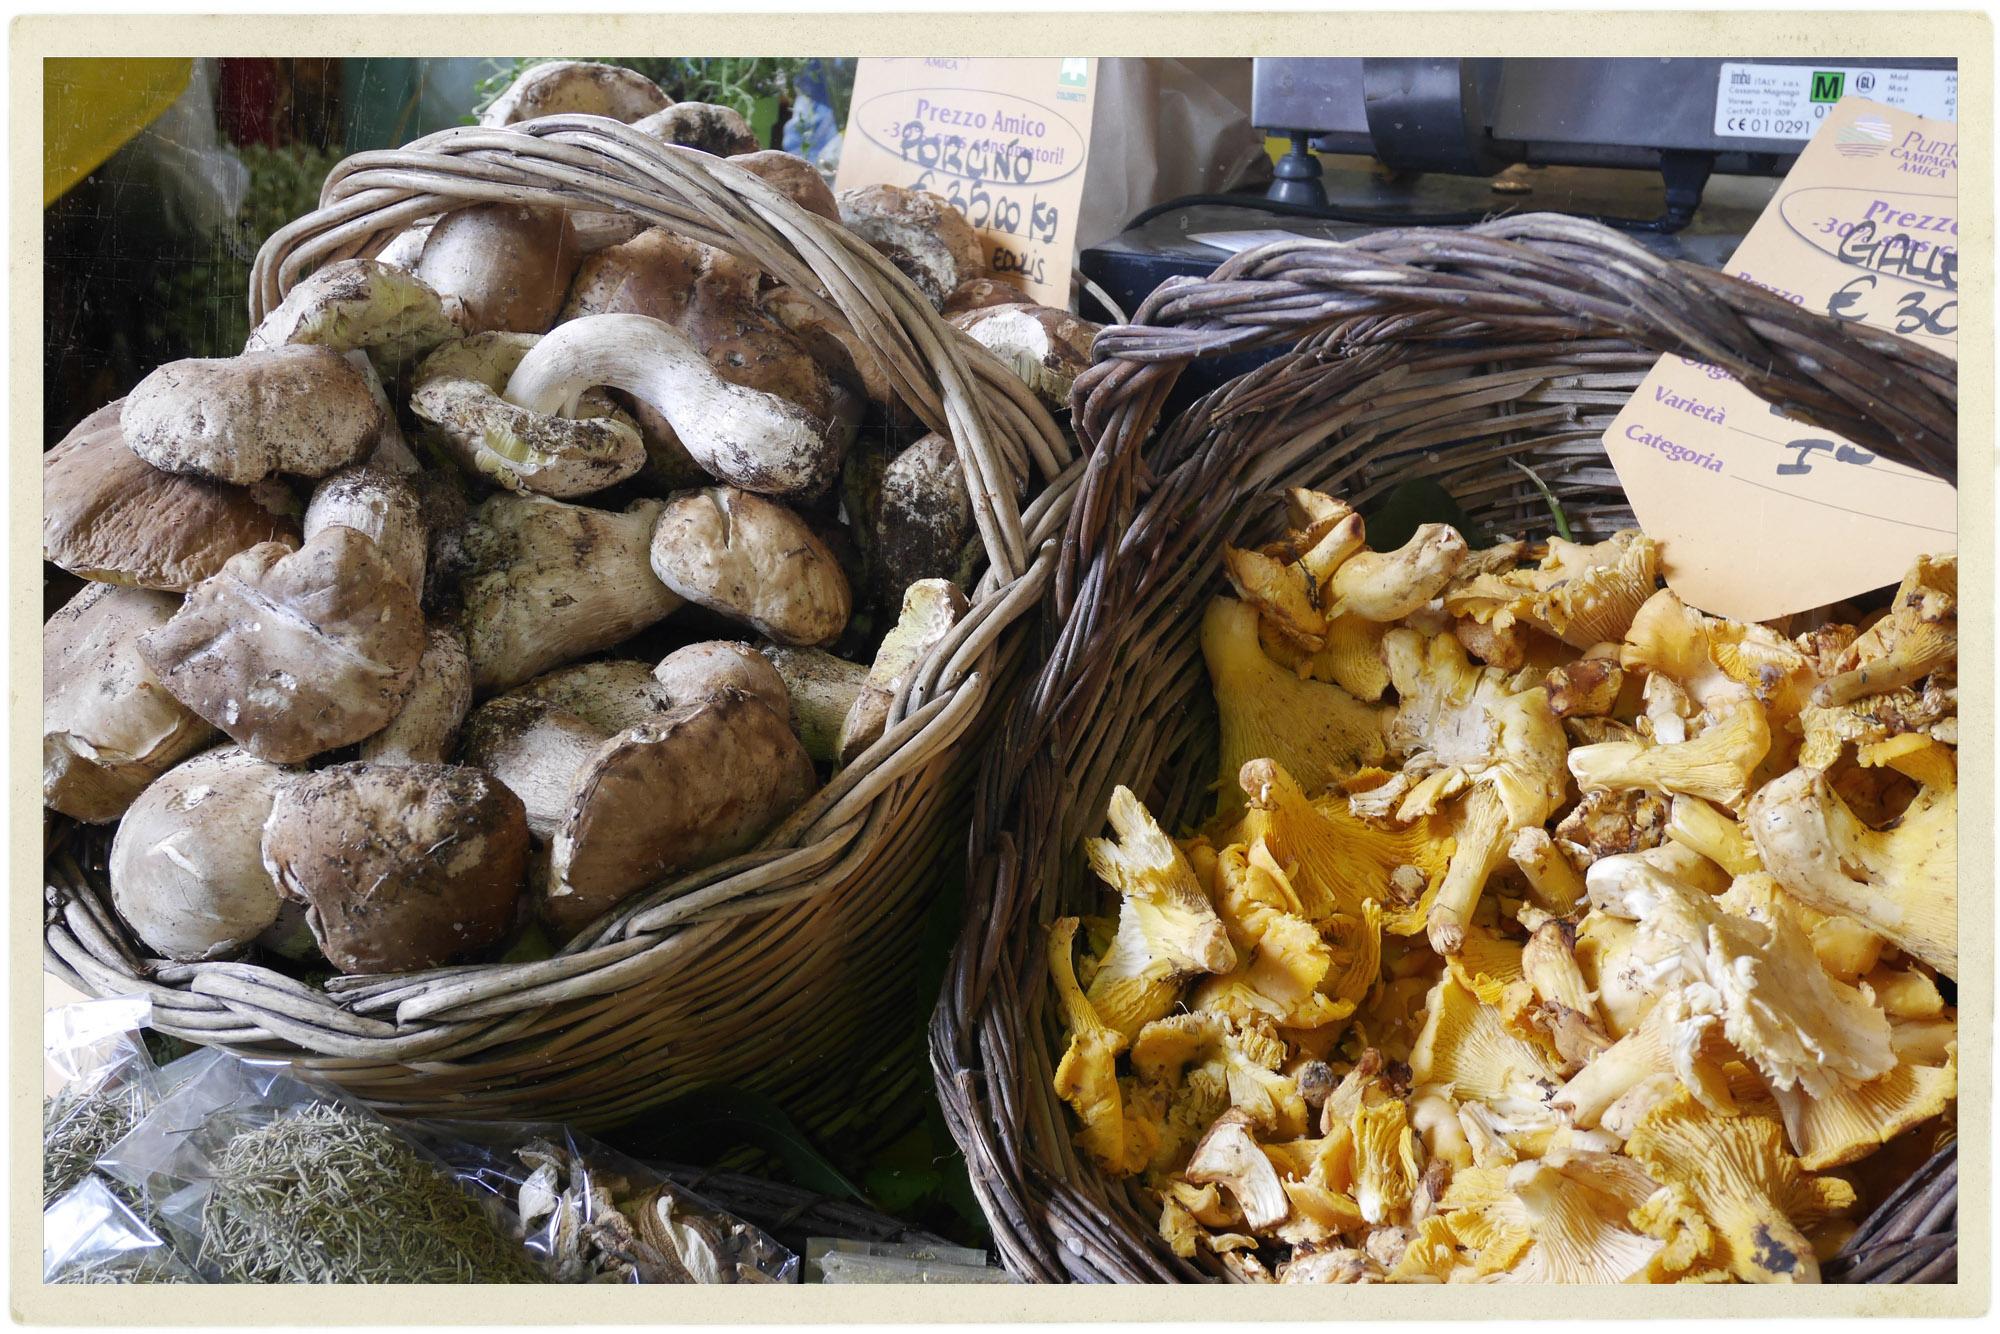 Porcini in season at the market.